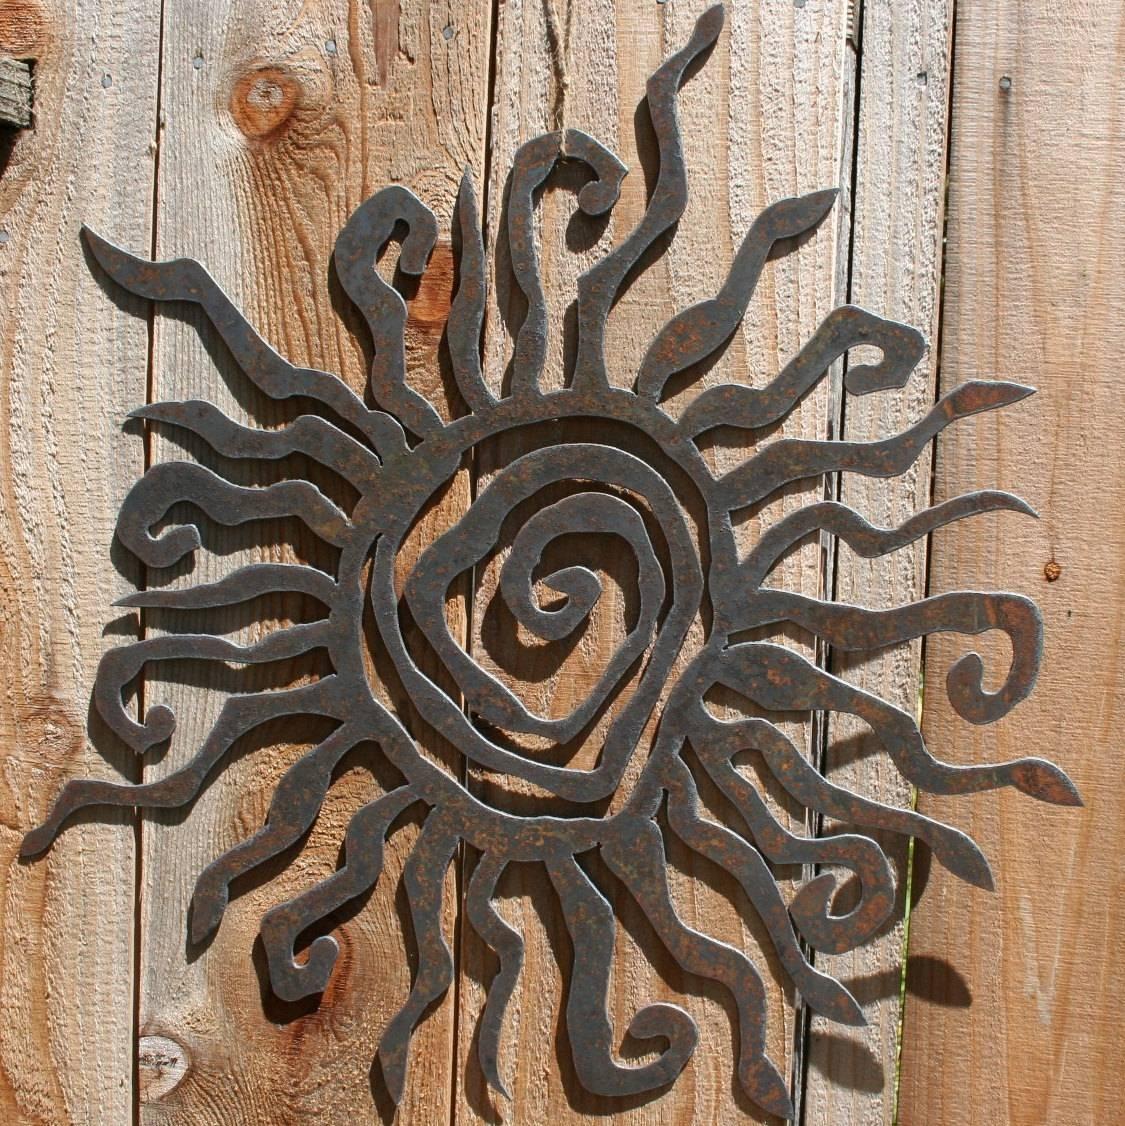 Outdoor Wall Murals For The Garden Metal Sun Wall Art Wrought Iron pertaining to Most Recent Garden Metal Wall Art